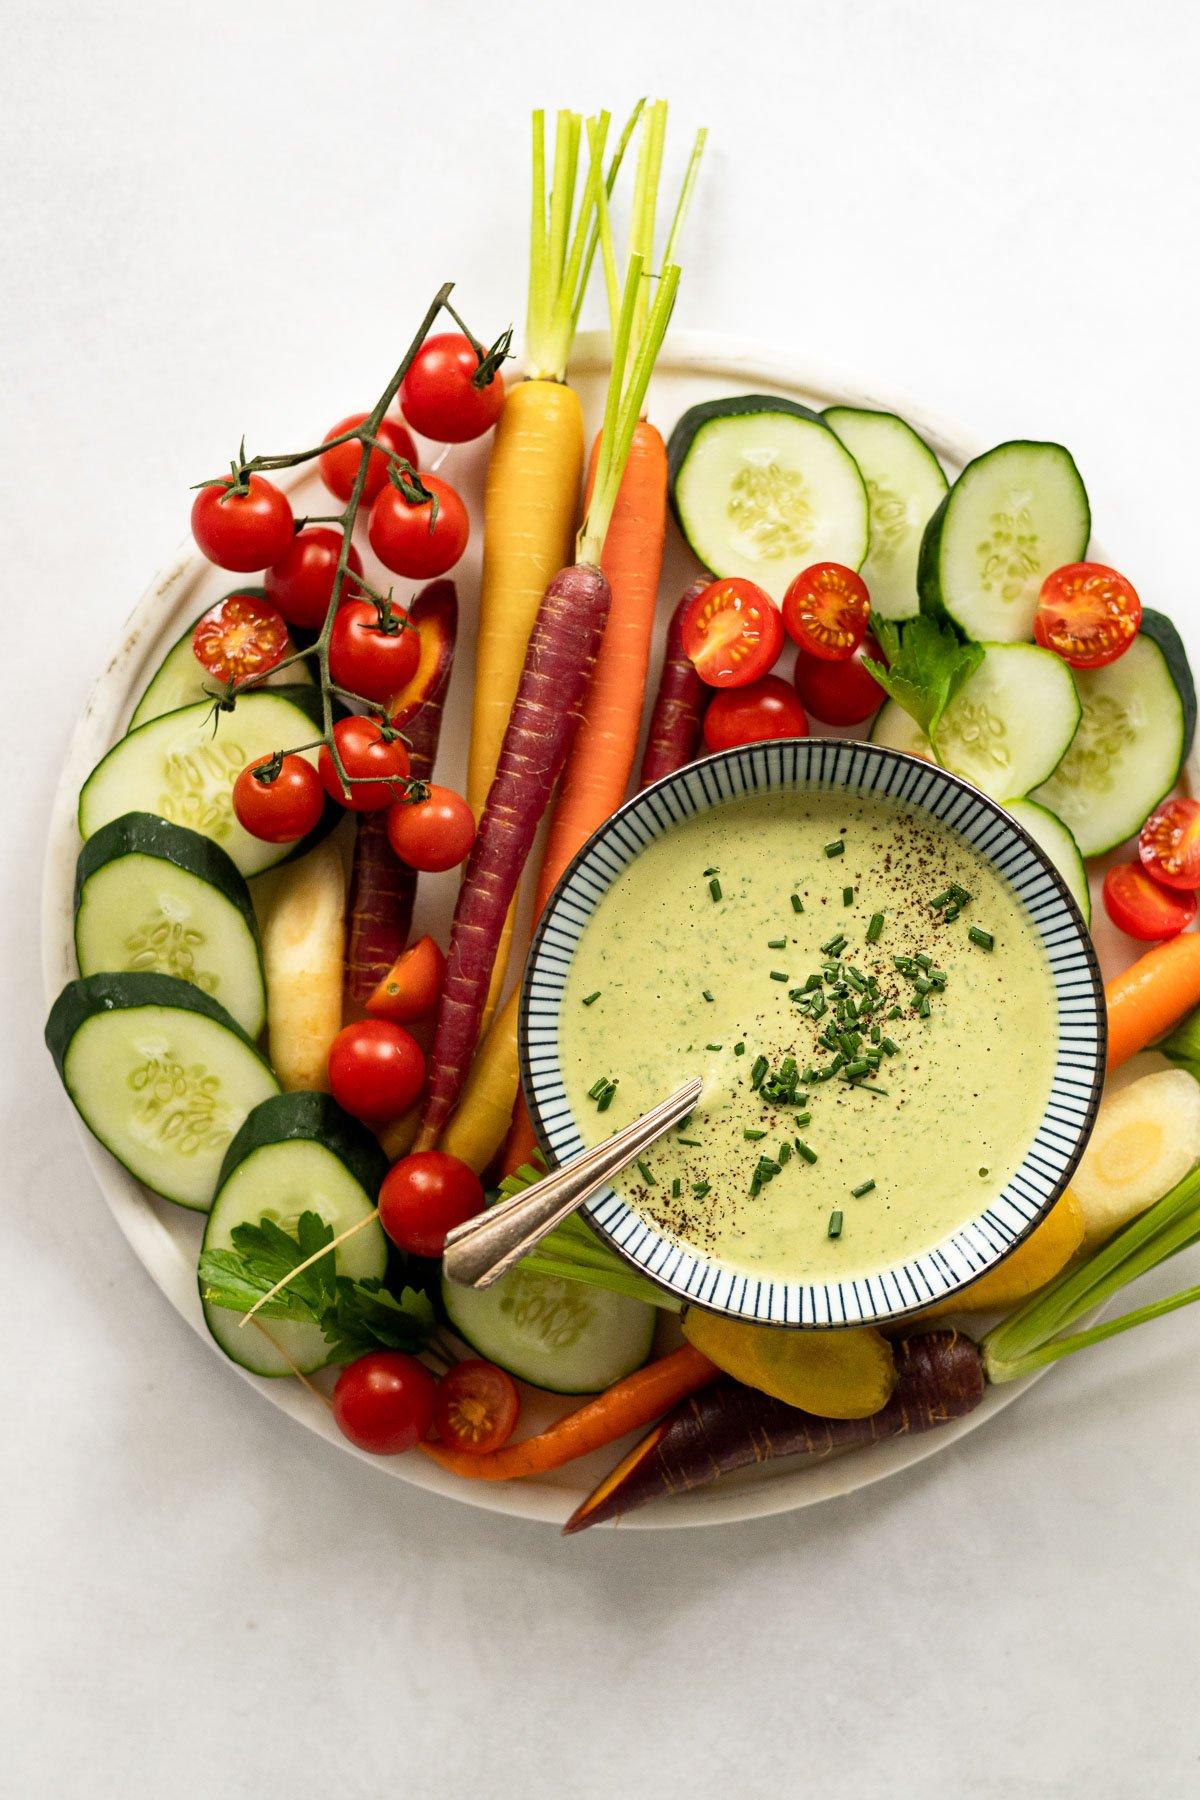 Tahini sauce on vegetable board.